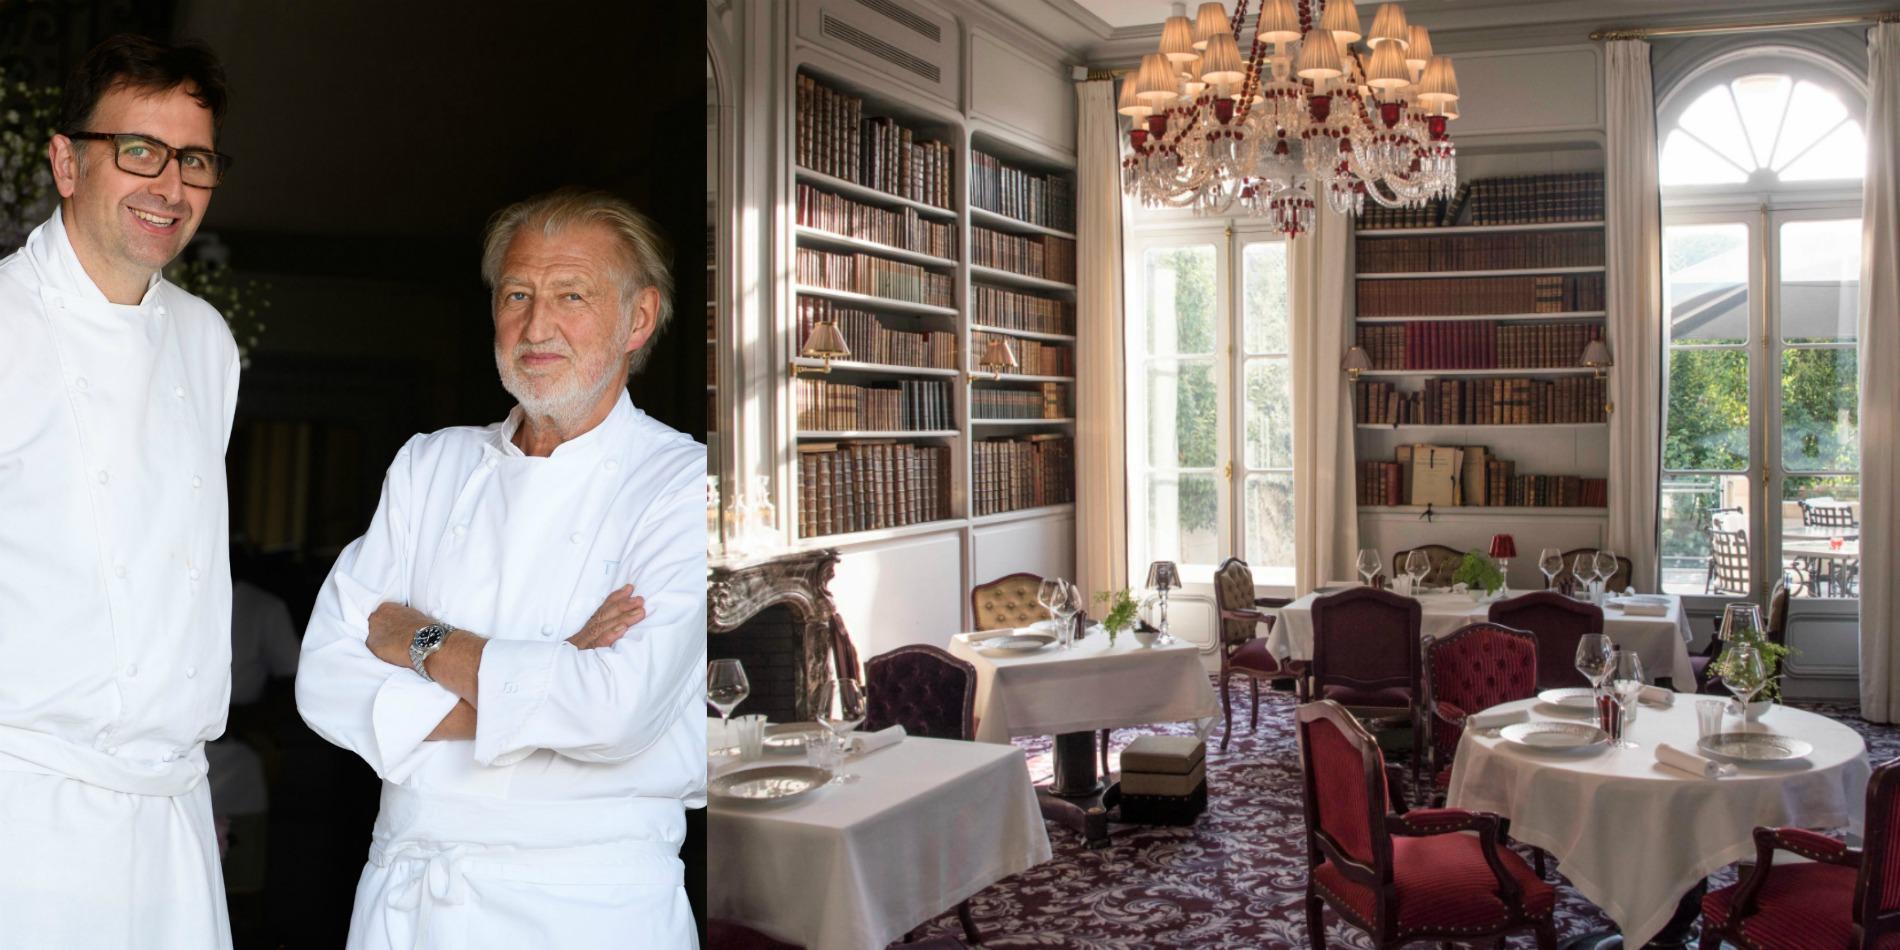 Pierre gagnaire la grande maison bordeaux cuisine for Decoration maison bordeaux